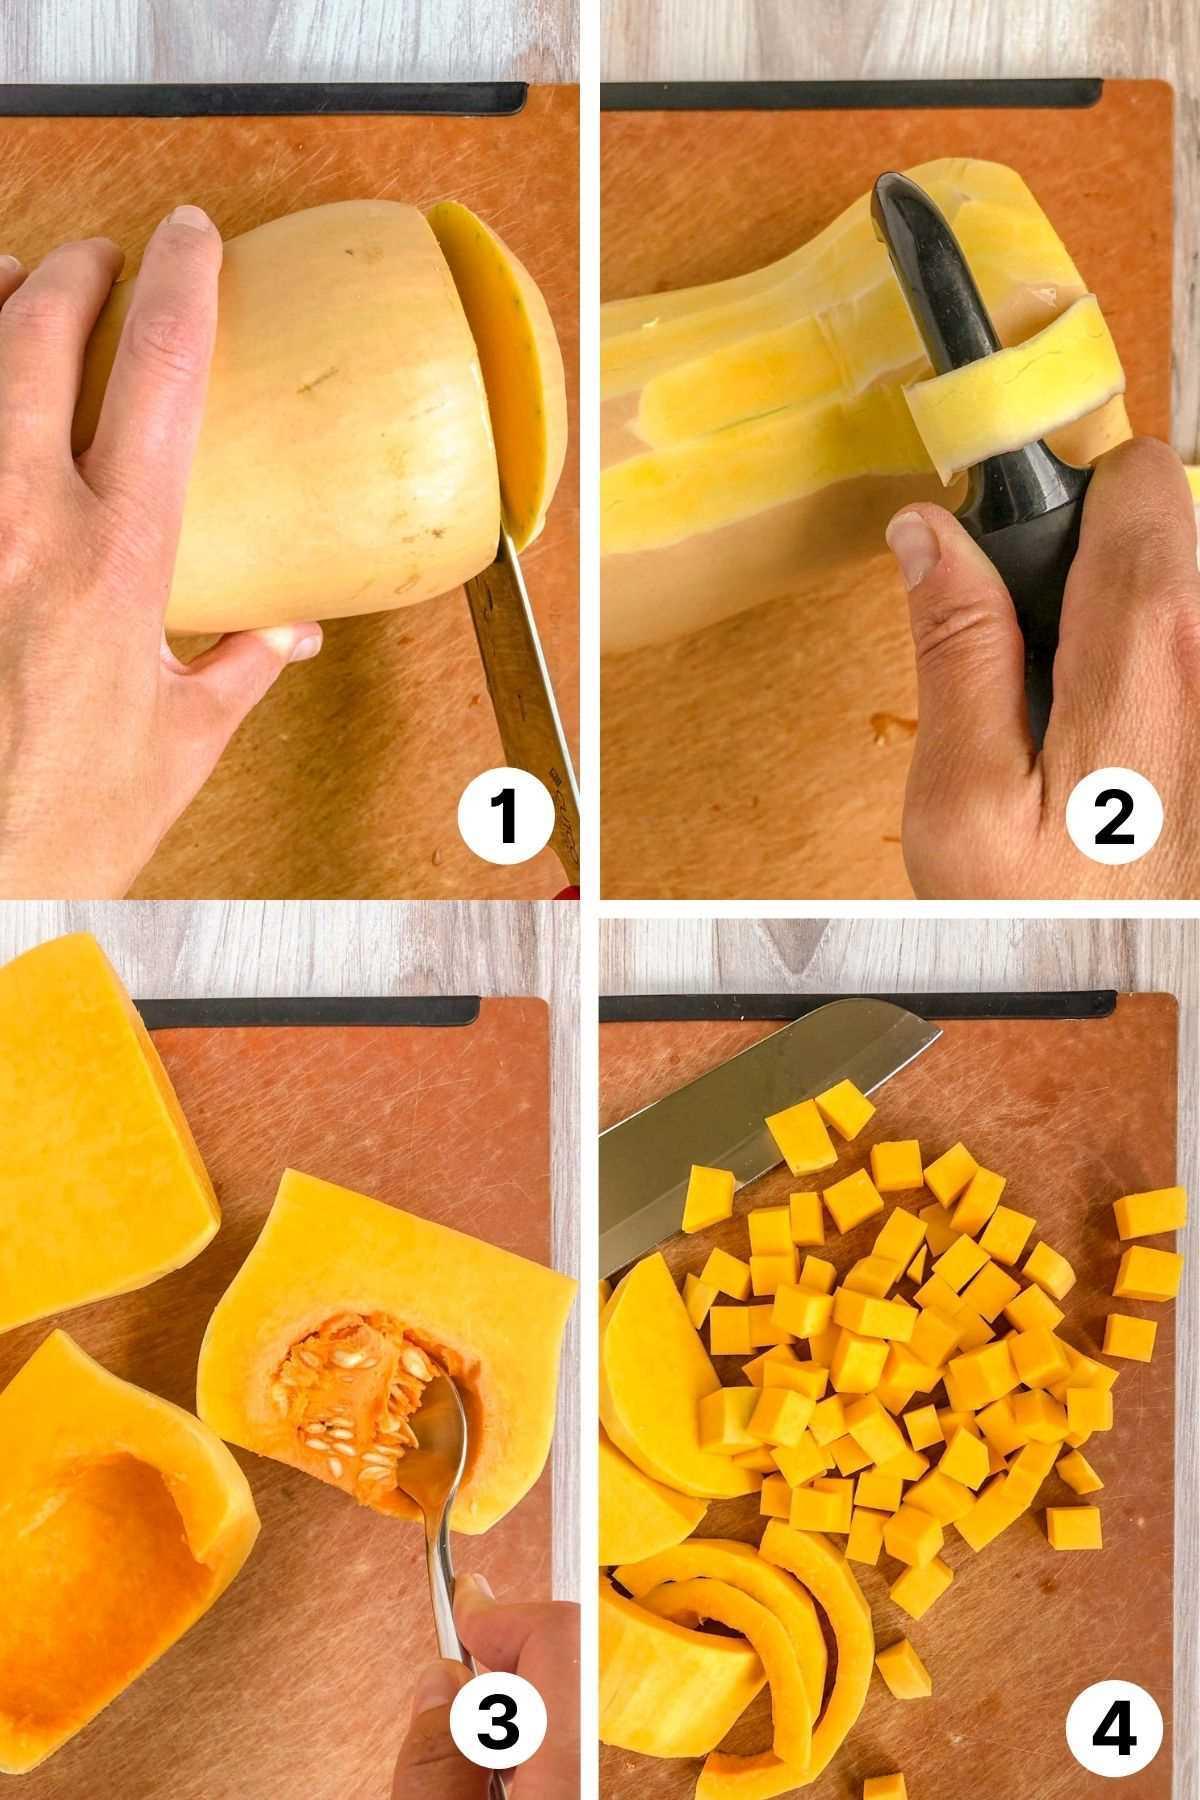 Process shots showing how to cut butternut squash.